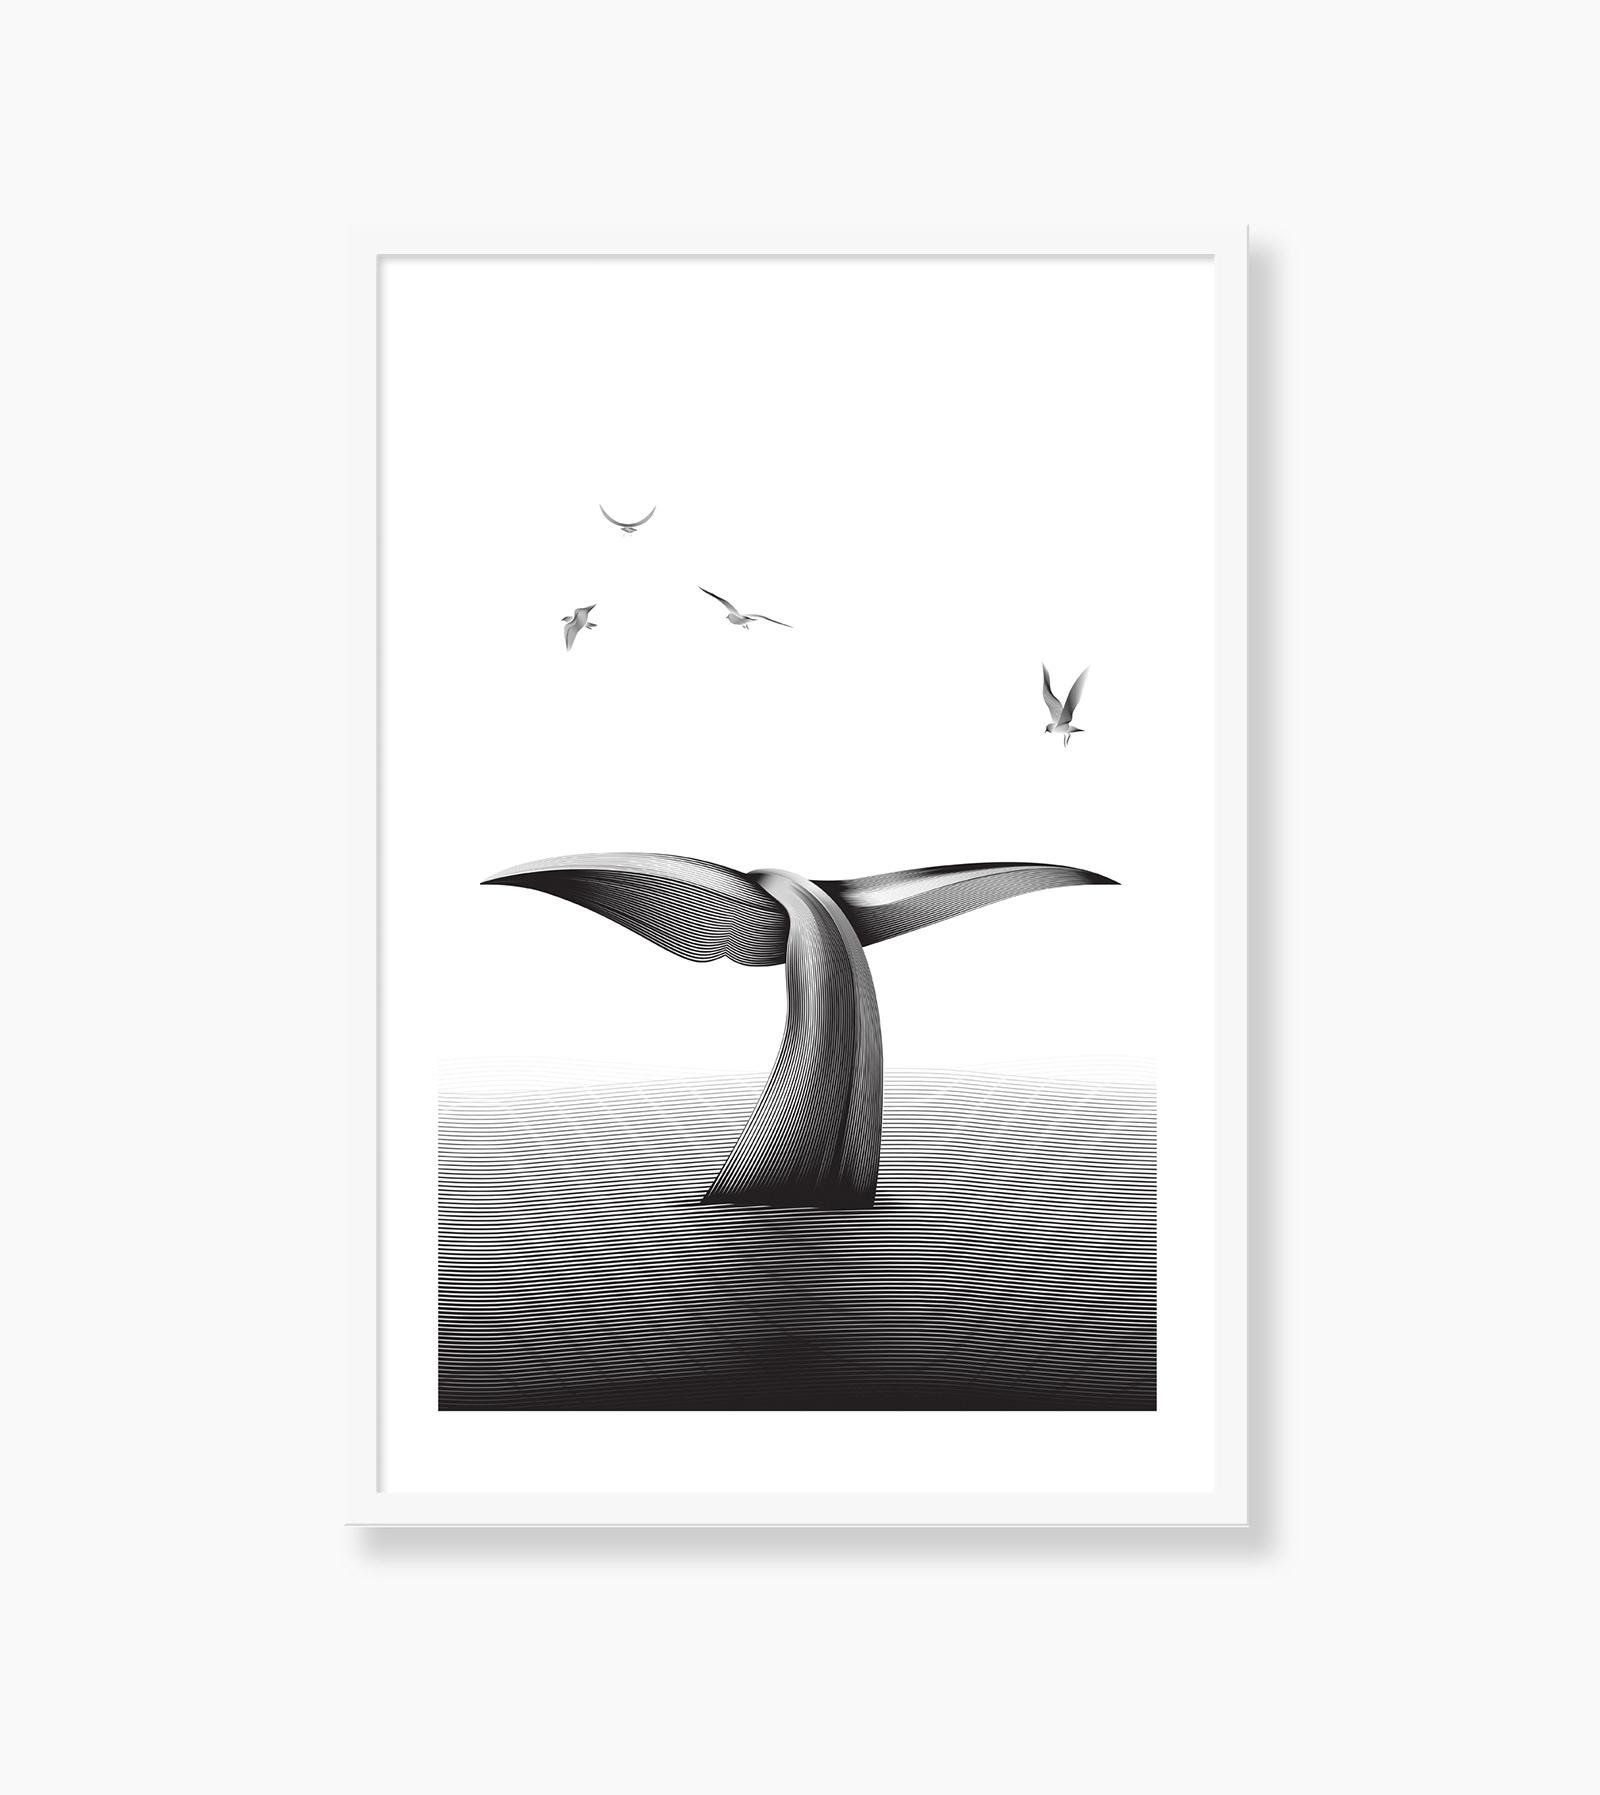 Emanuele De Donno | Whale